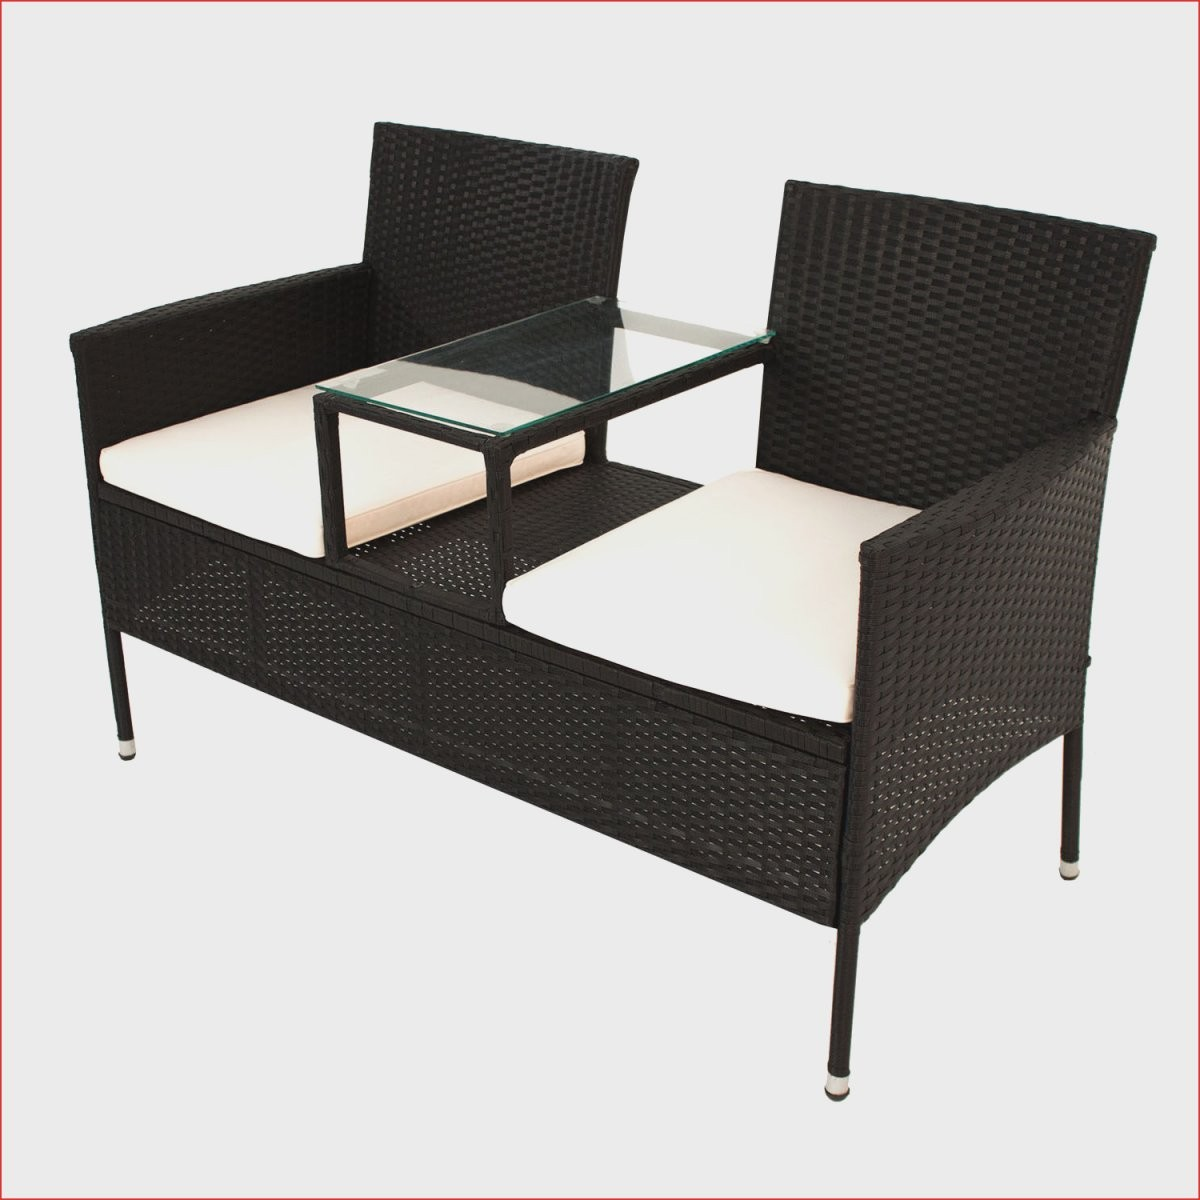 Garten Konzept 28 Oberteil Gartenbank Mit Tisch O78P von Bank Mit Integriertem Tisch Bild